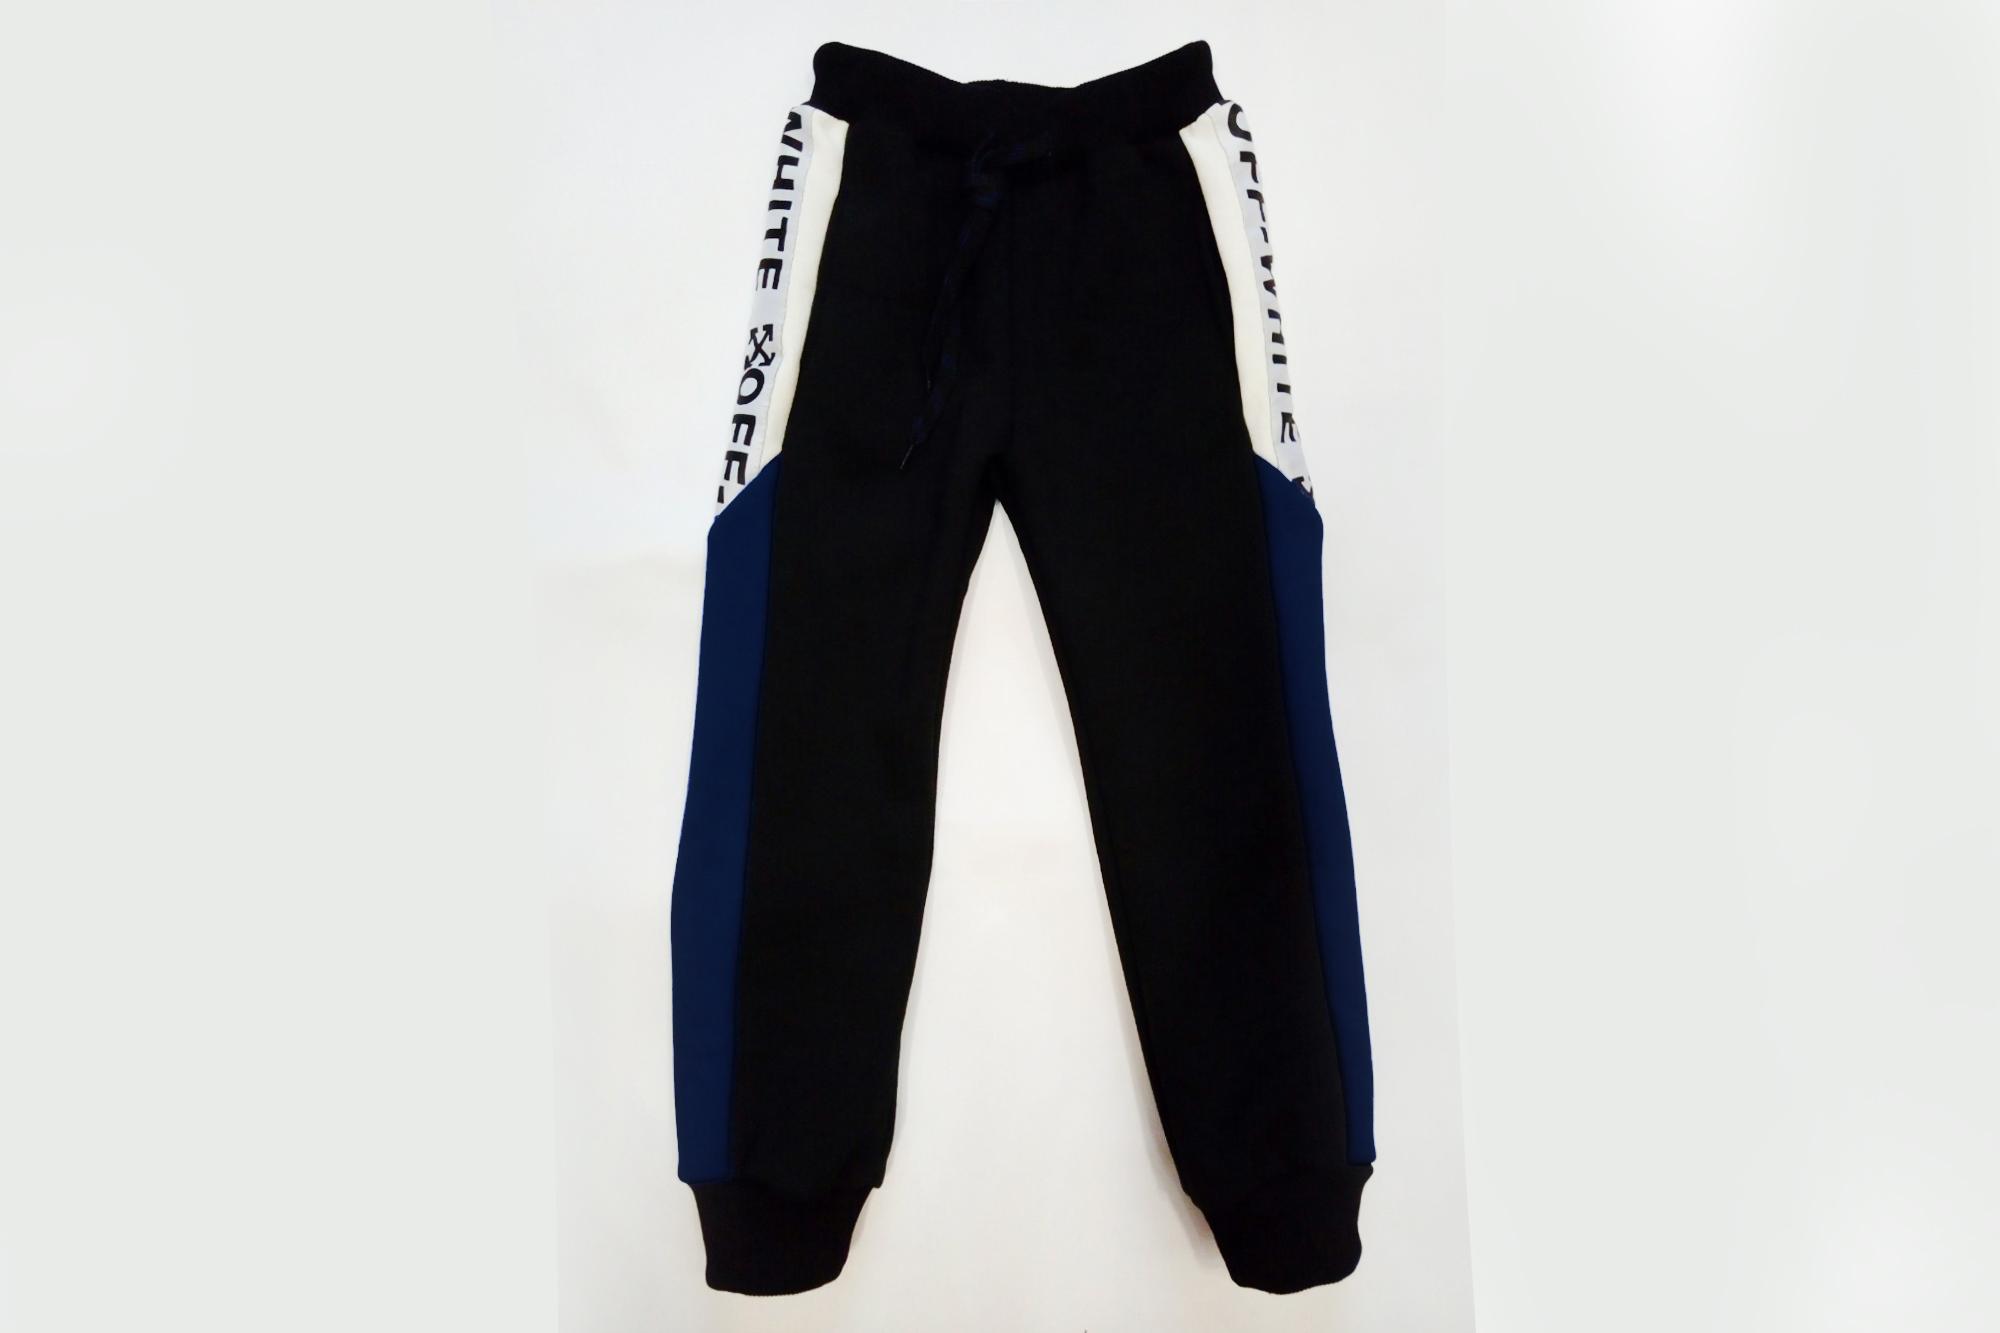 Штаны утепленные детские SmileTime Off W White, черные с синим